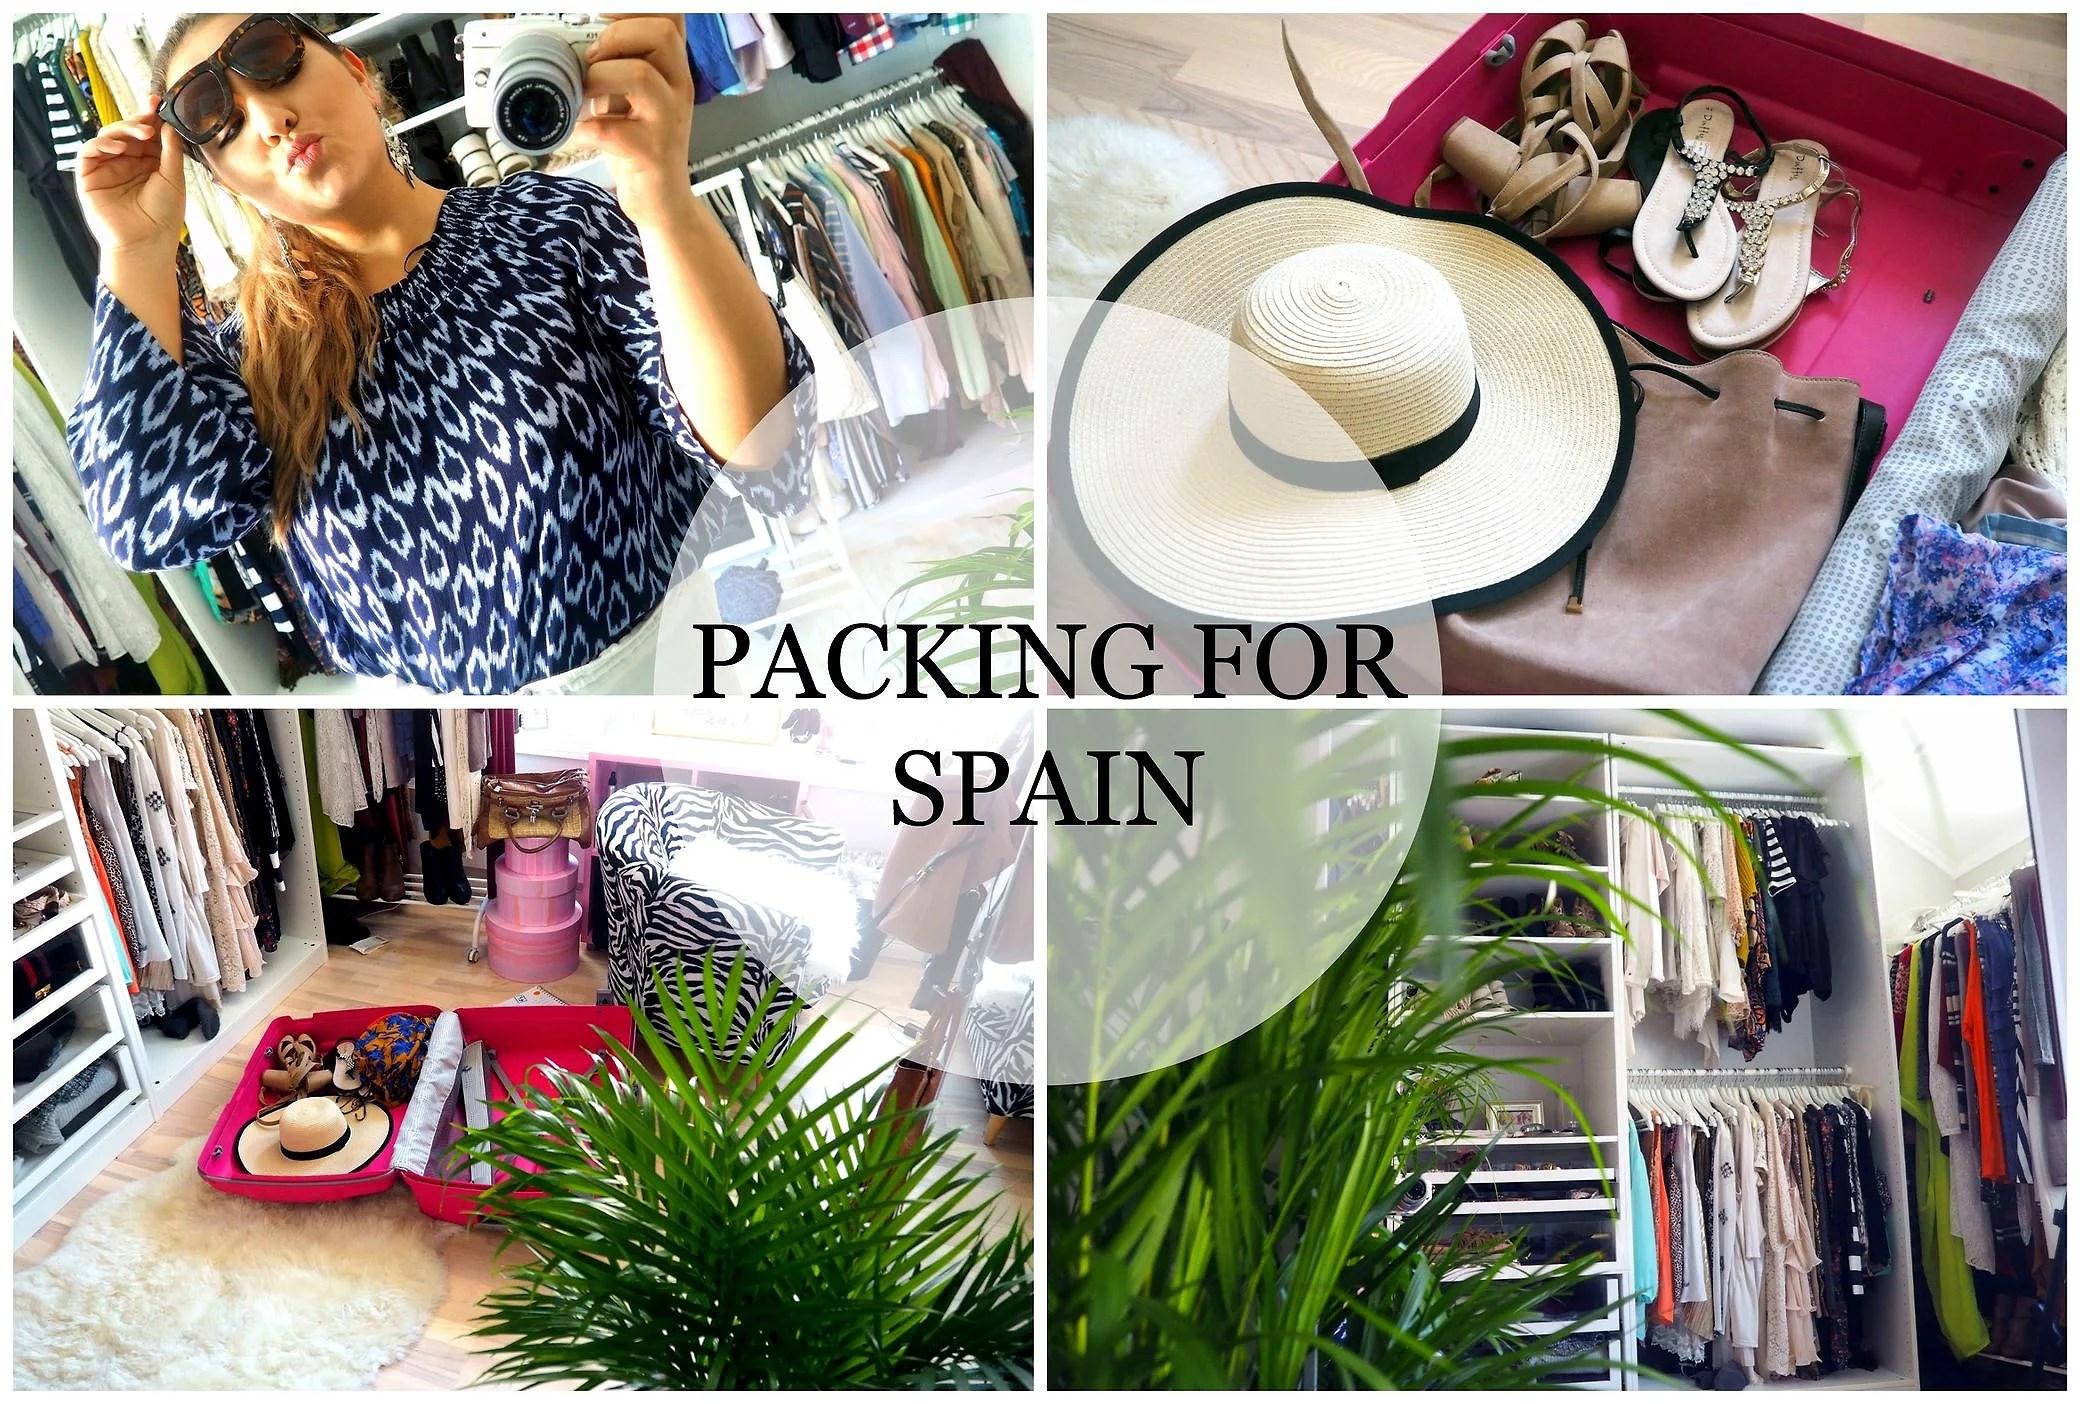 VIDEOBLOGG: bli med meg og pakk til Spania